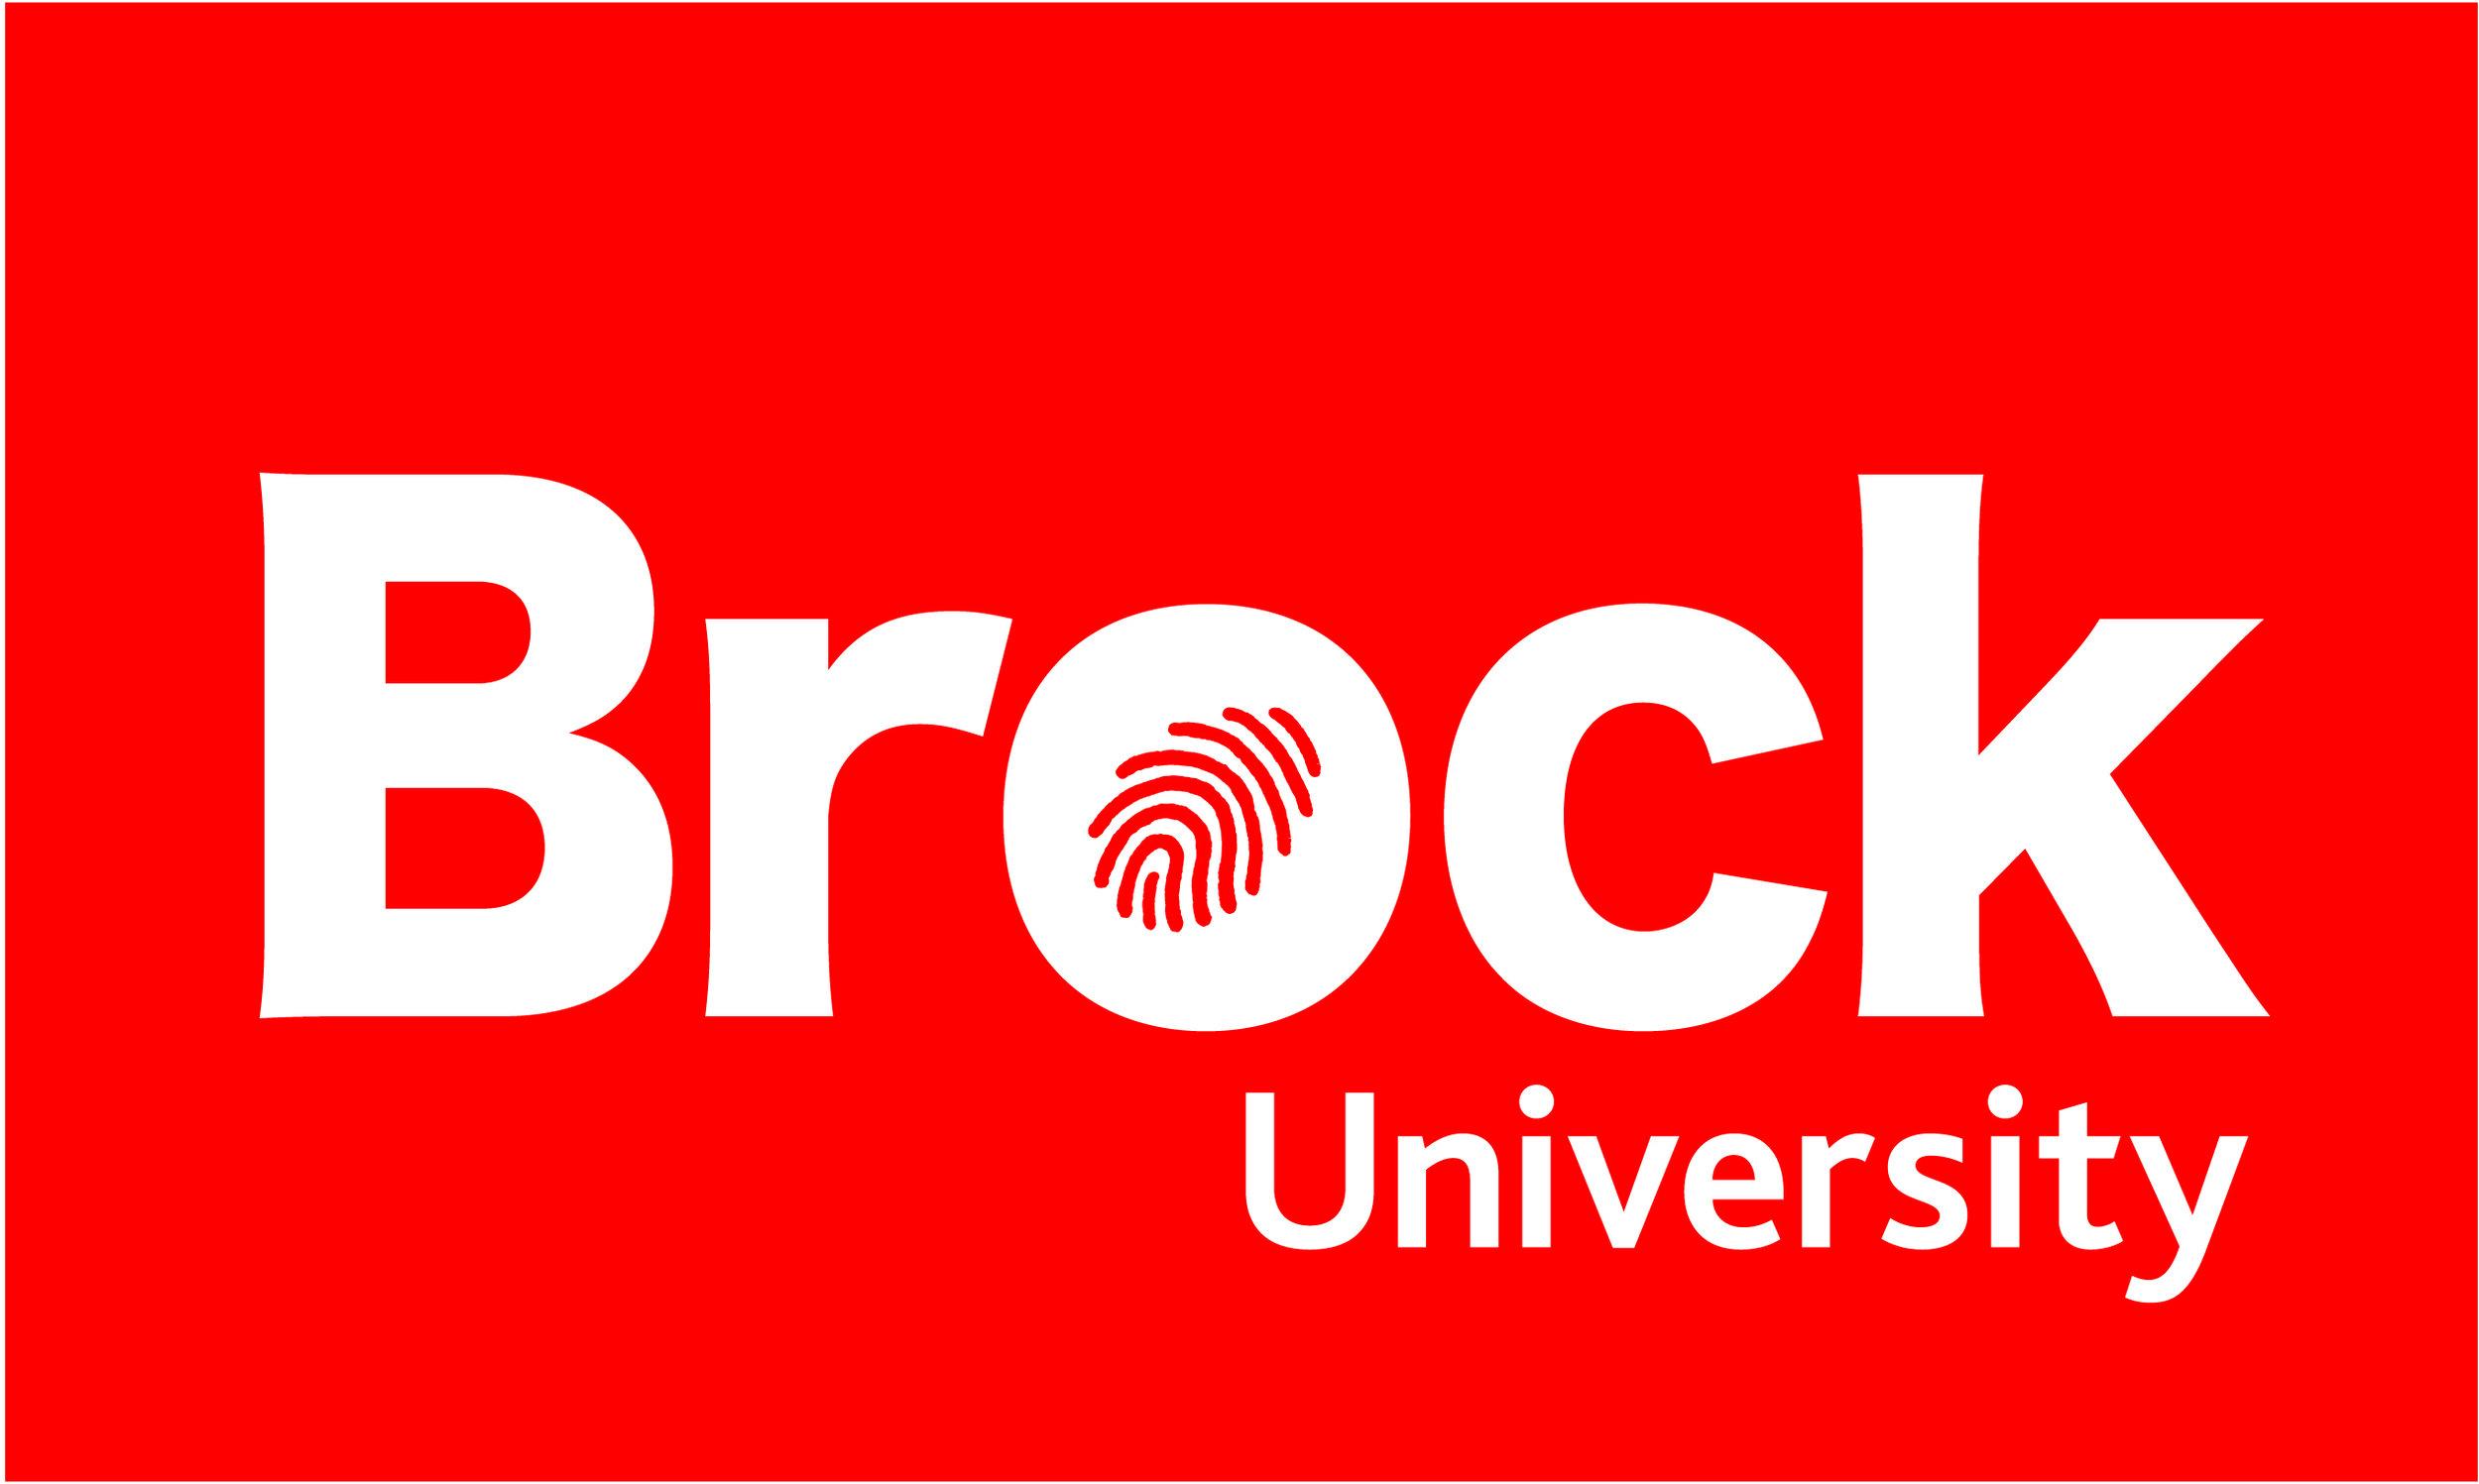 Brocku logo - print - CMYK - top.jpg